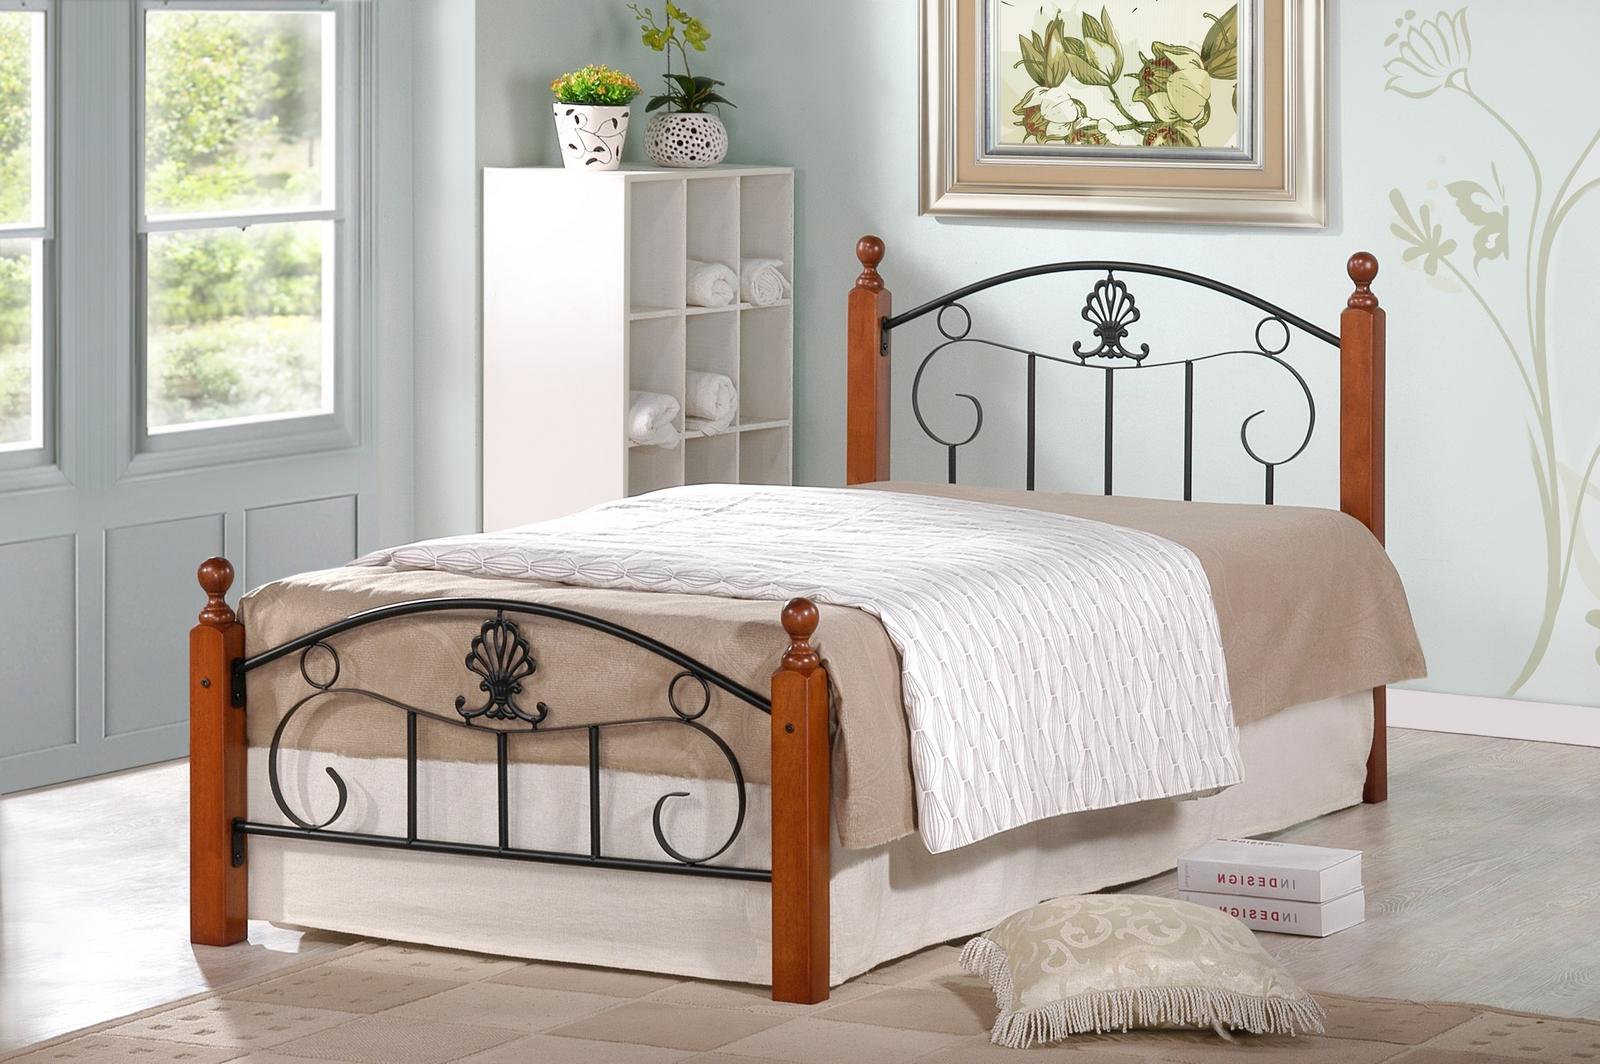 Односпальная кровать металлическая